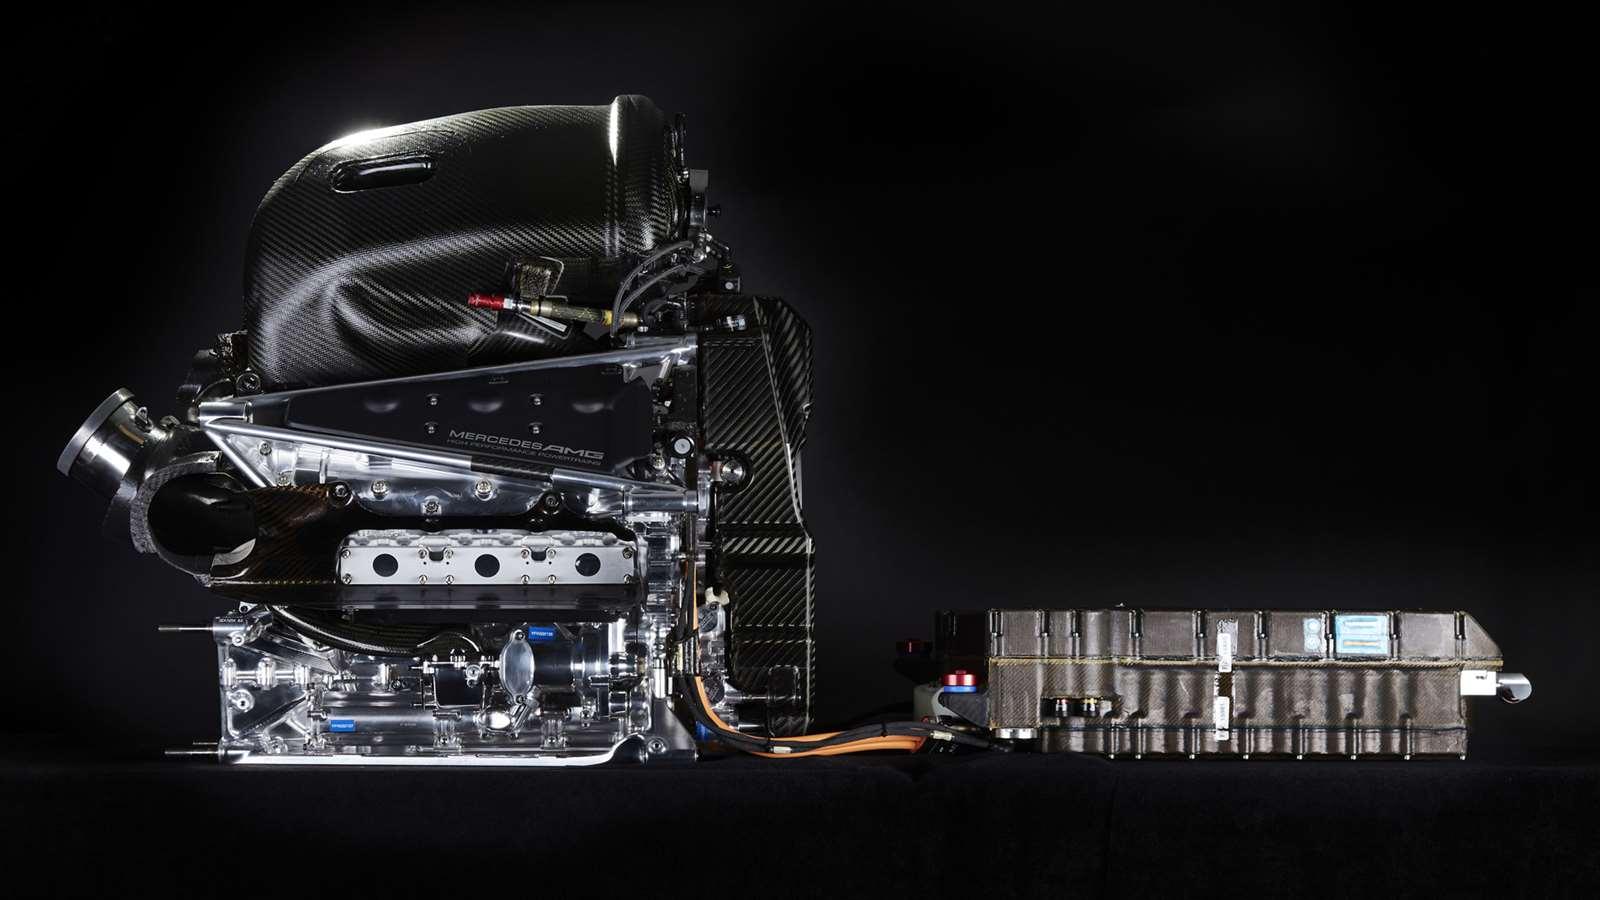 Mercedes-AMG F1 engine